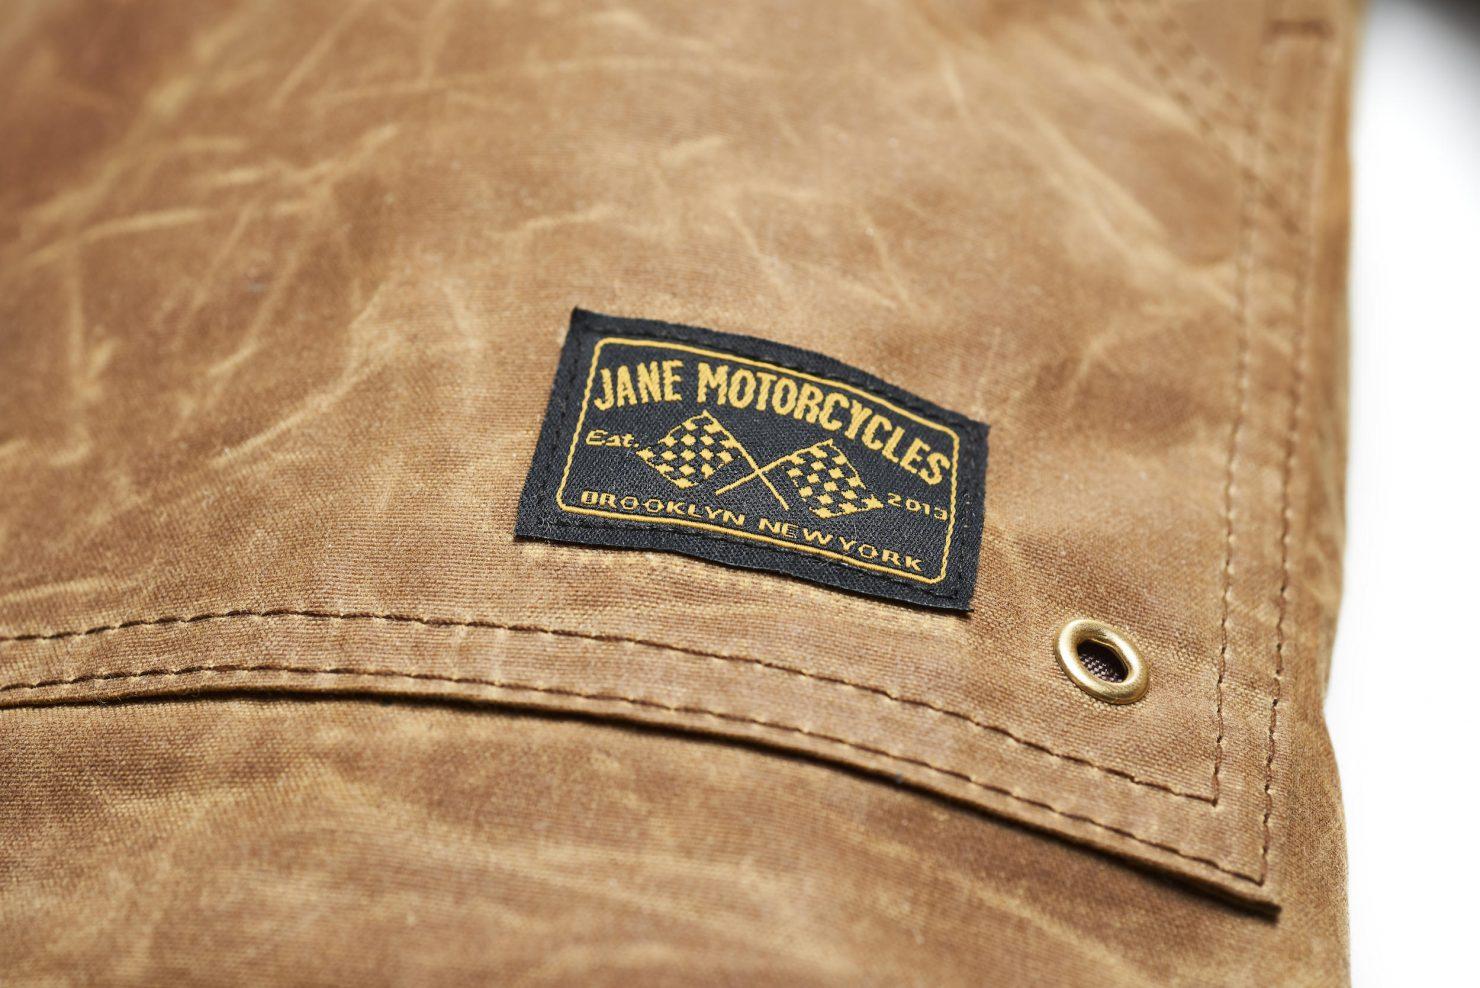 Jane Motorcycles Driggs Jacket Detail 3 1480x988 - Jane Motorcycles Driggs Jacket